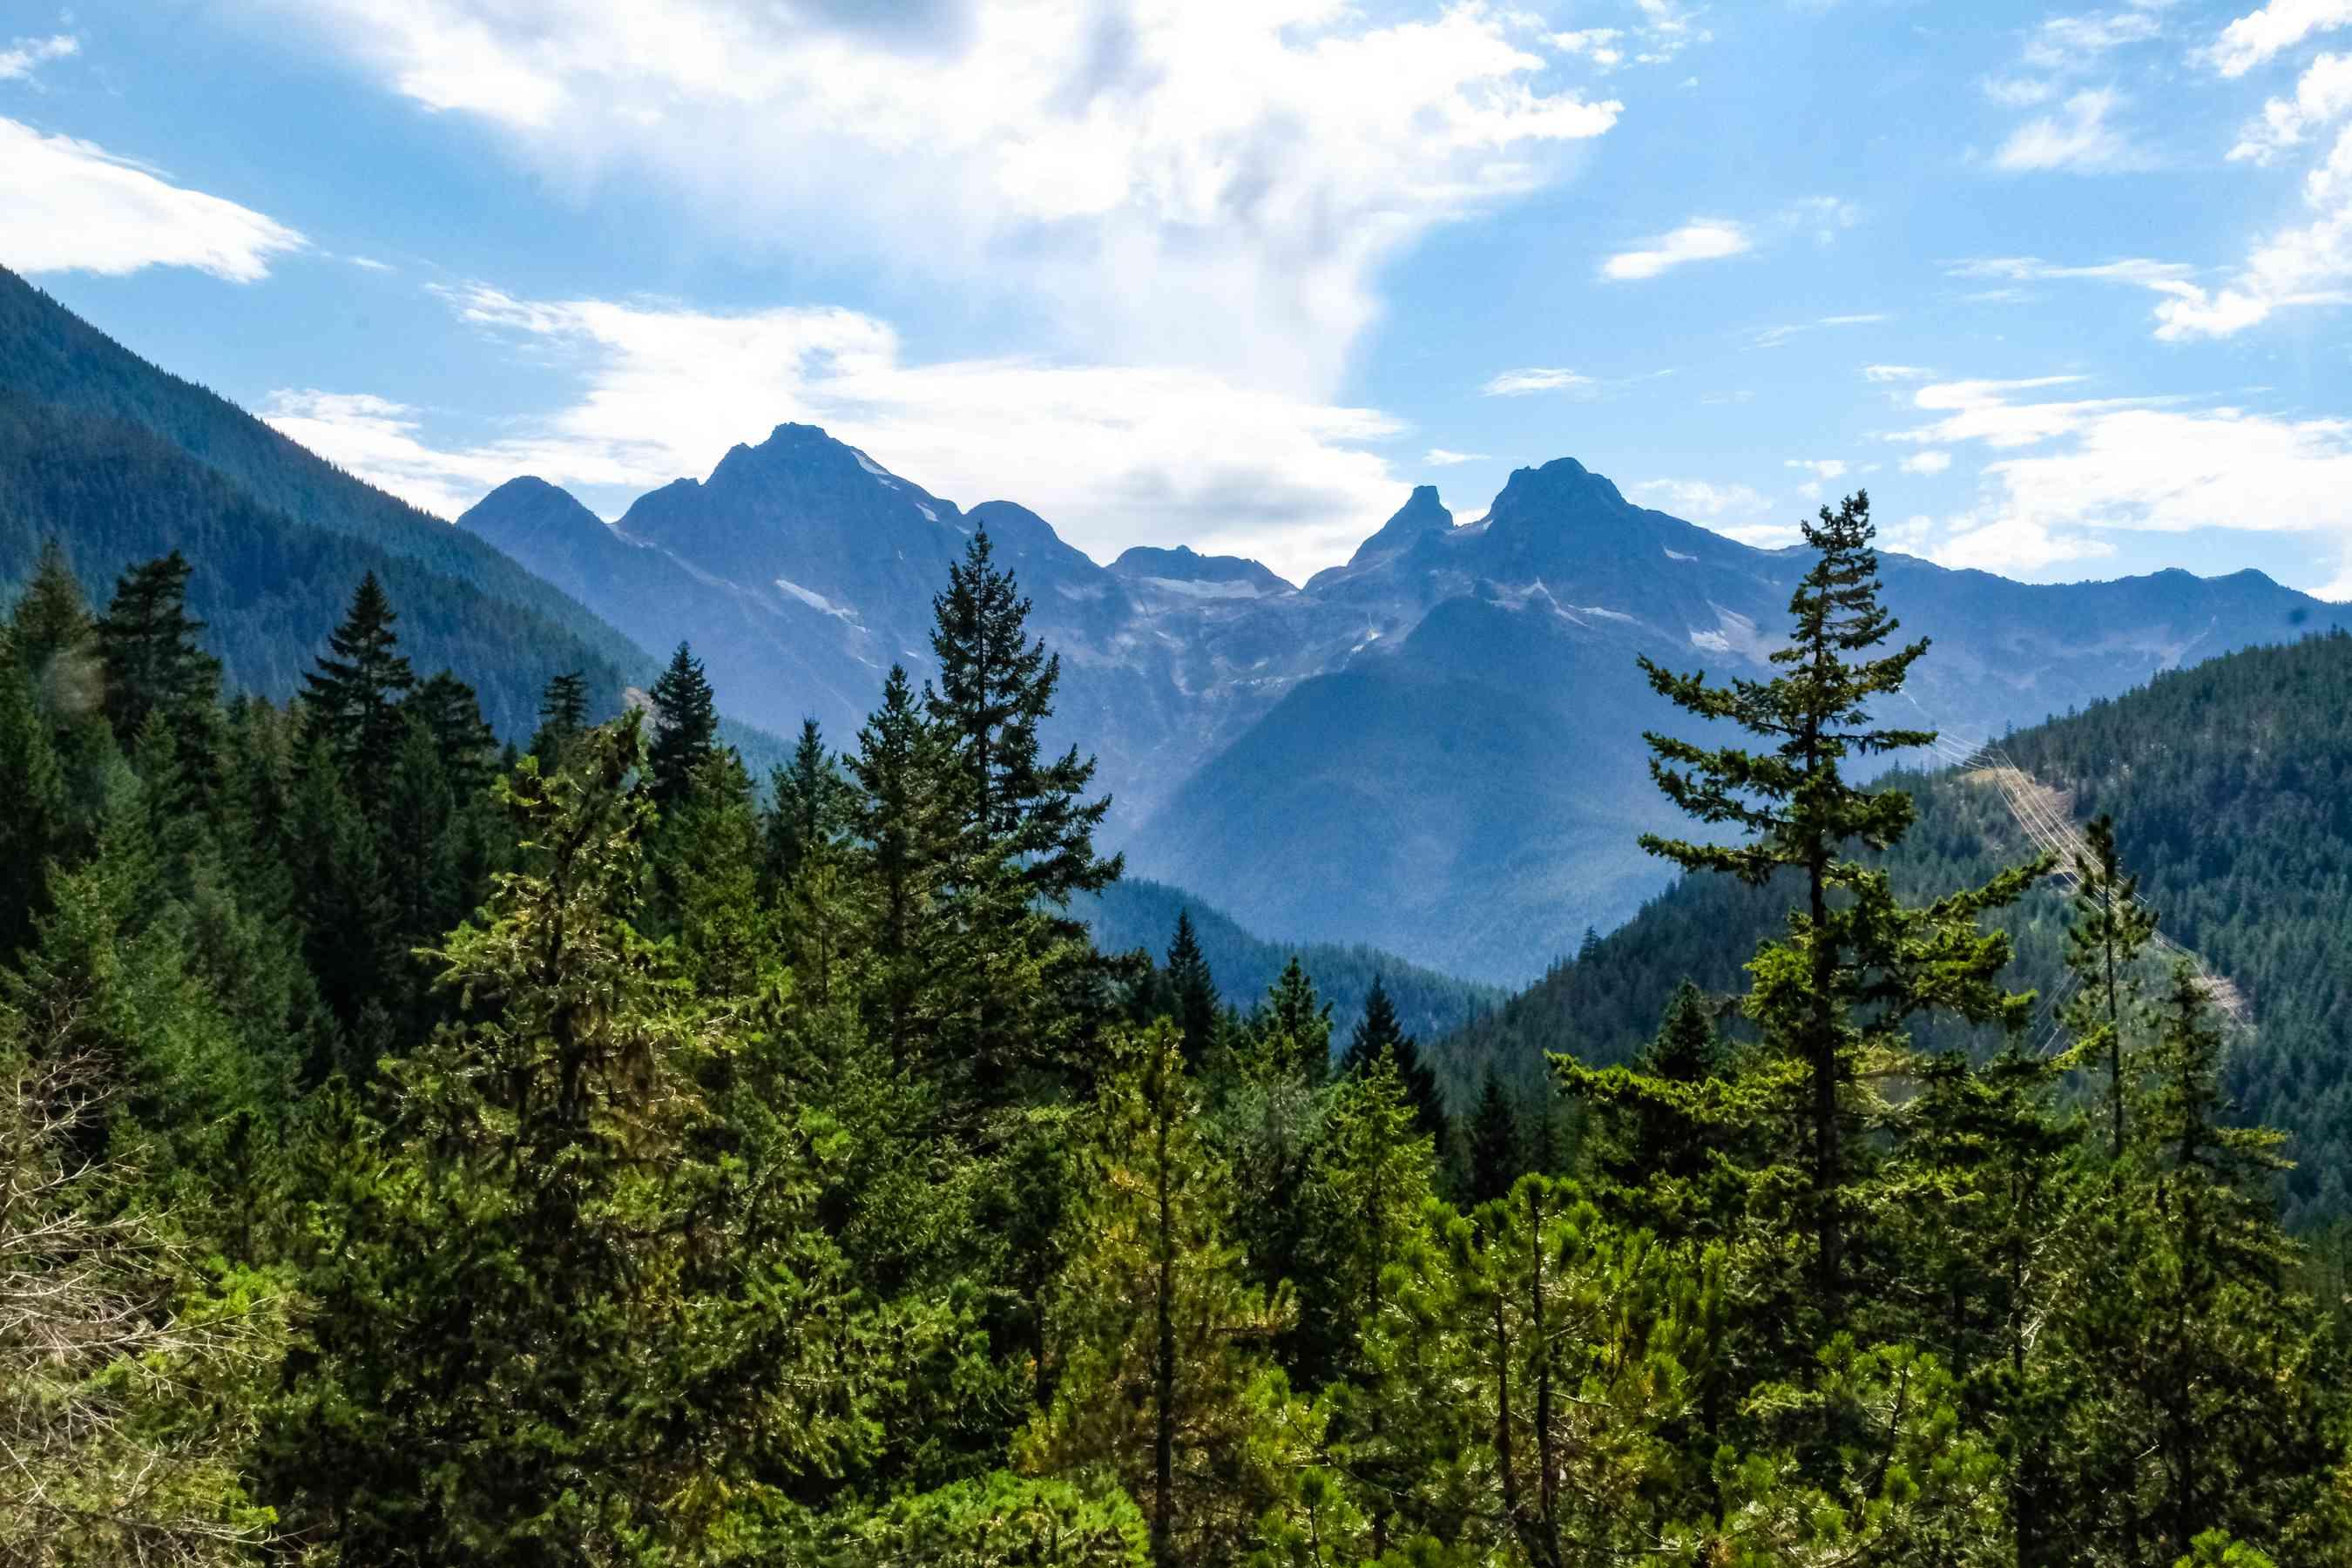 Northern Cascades National Park